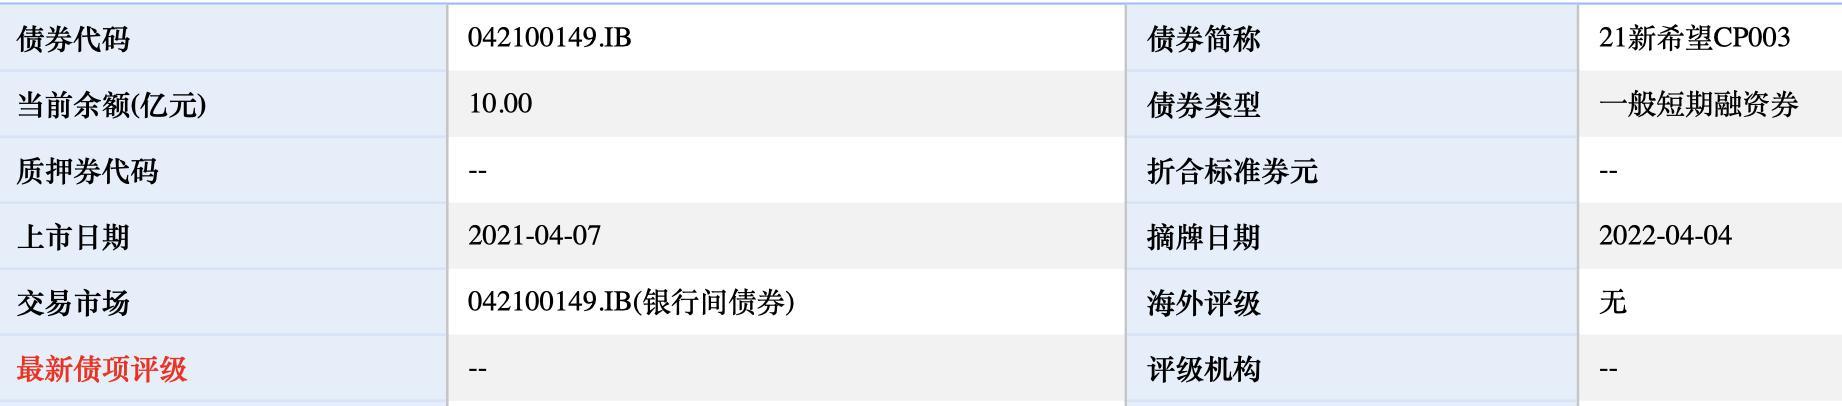 债券强制评级取消后,中票短融无债项评级发行也现江湖